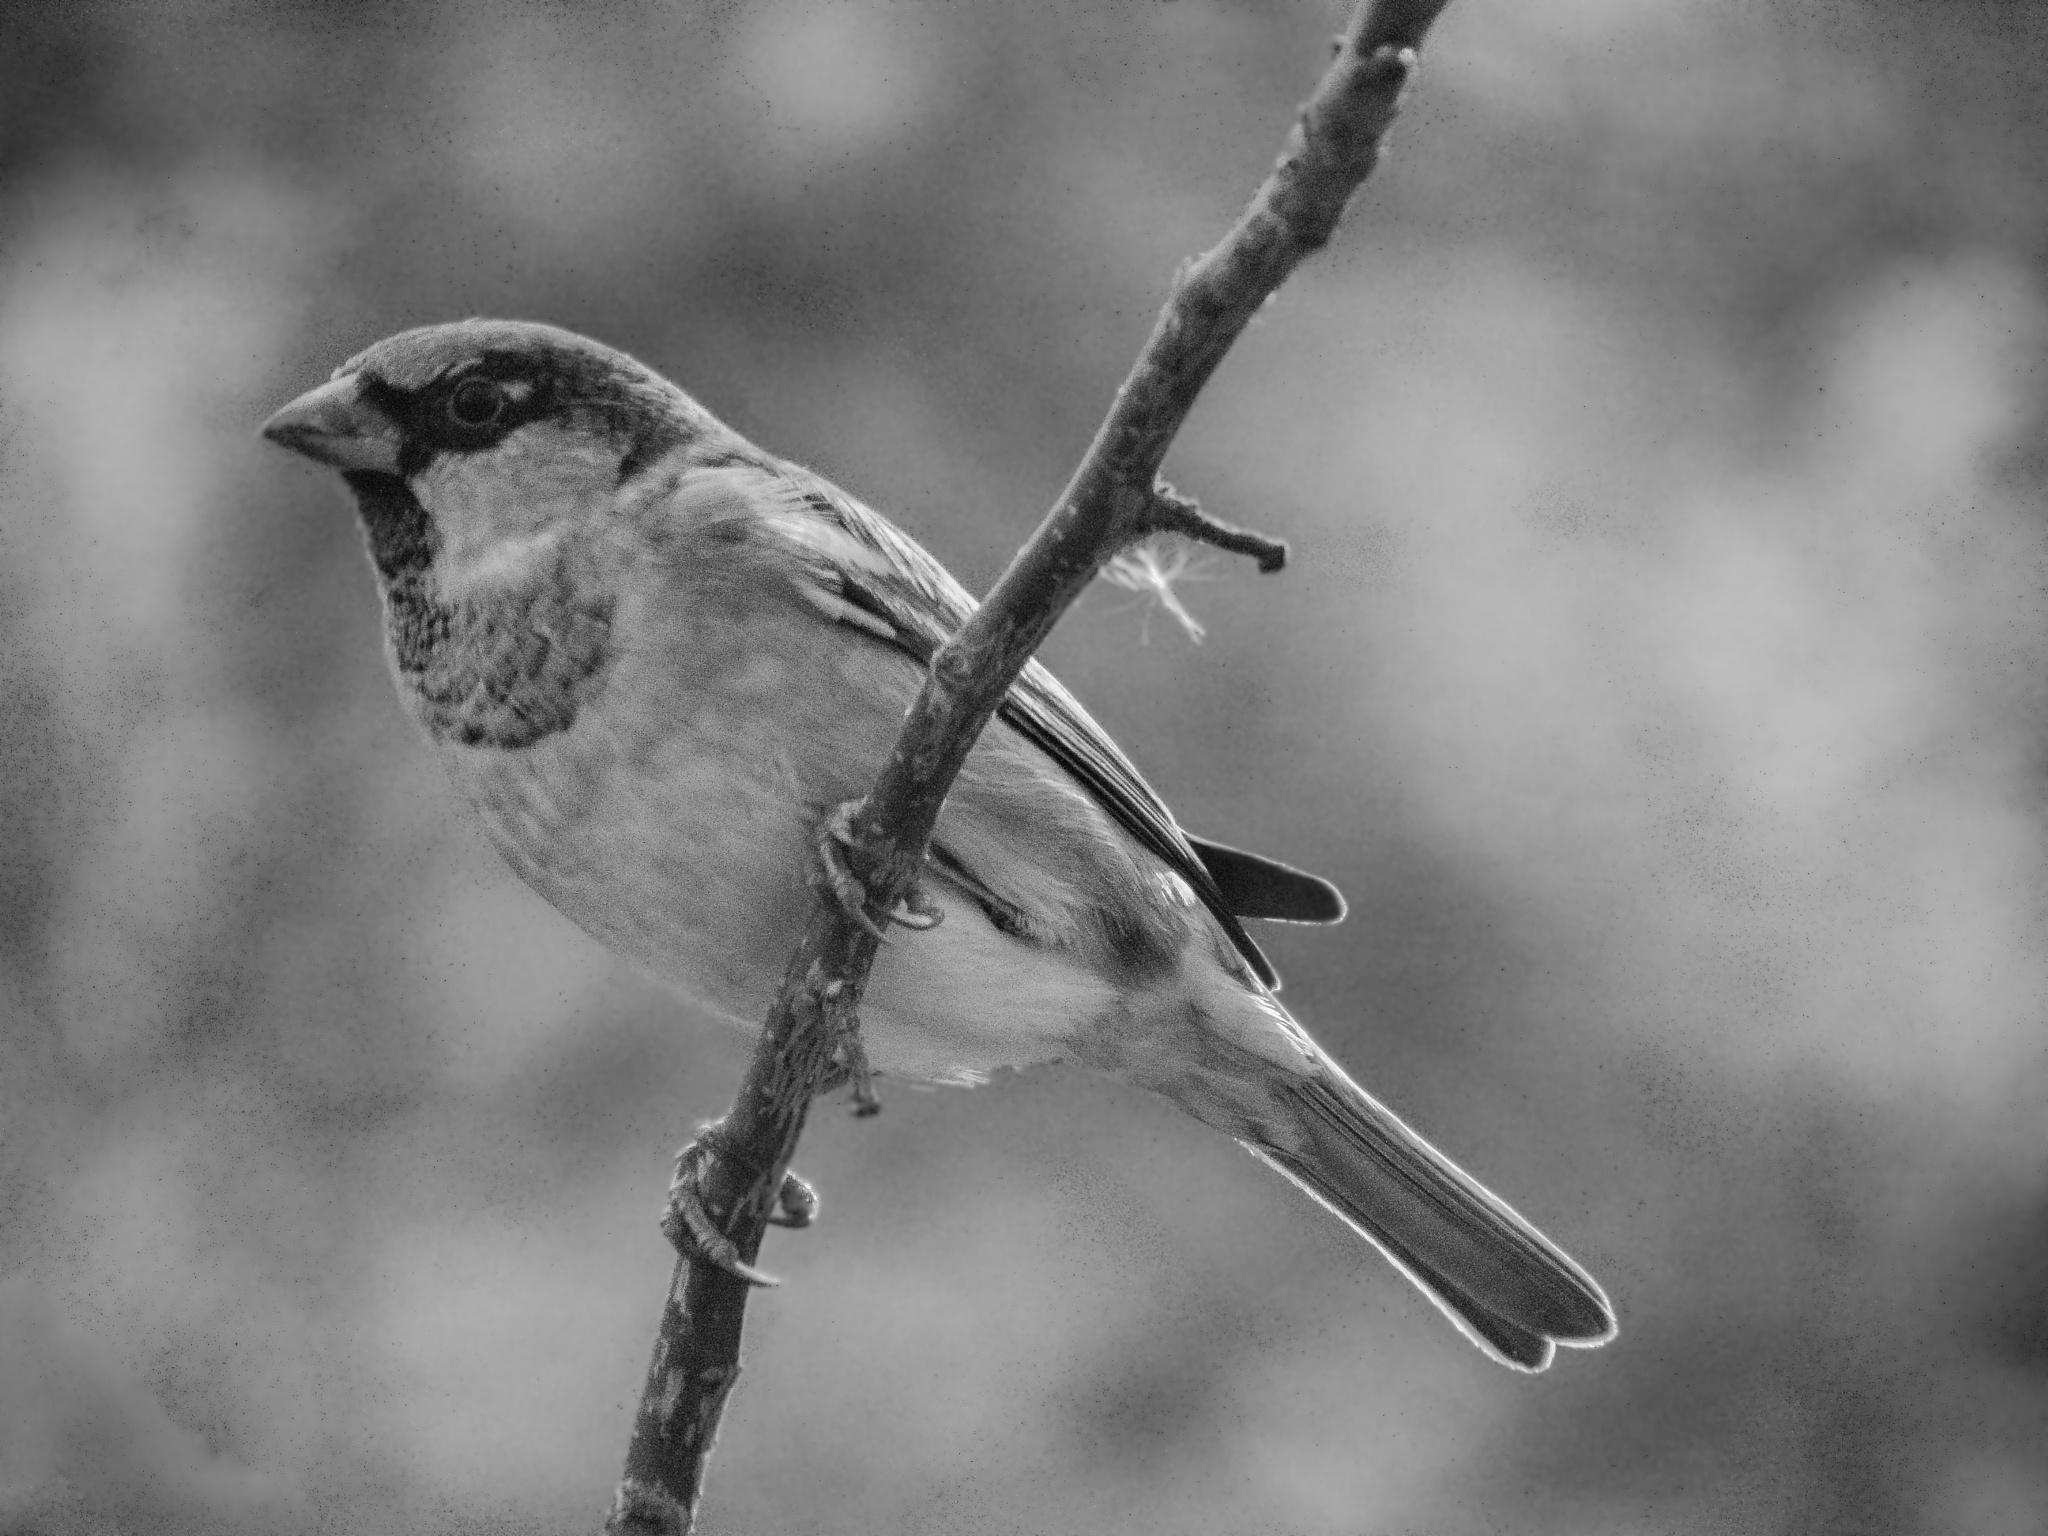 Sparrow in B&W by Bogdan Birleanu